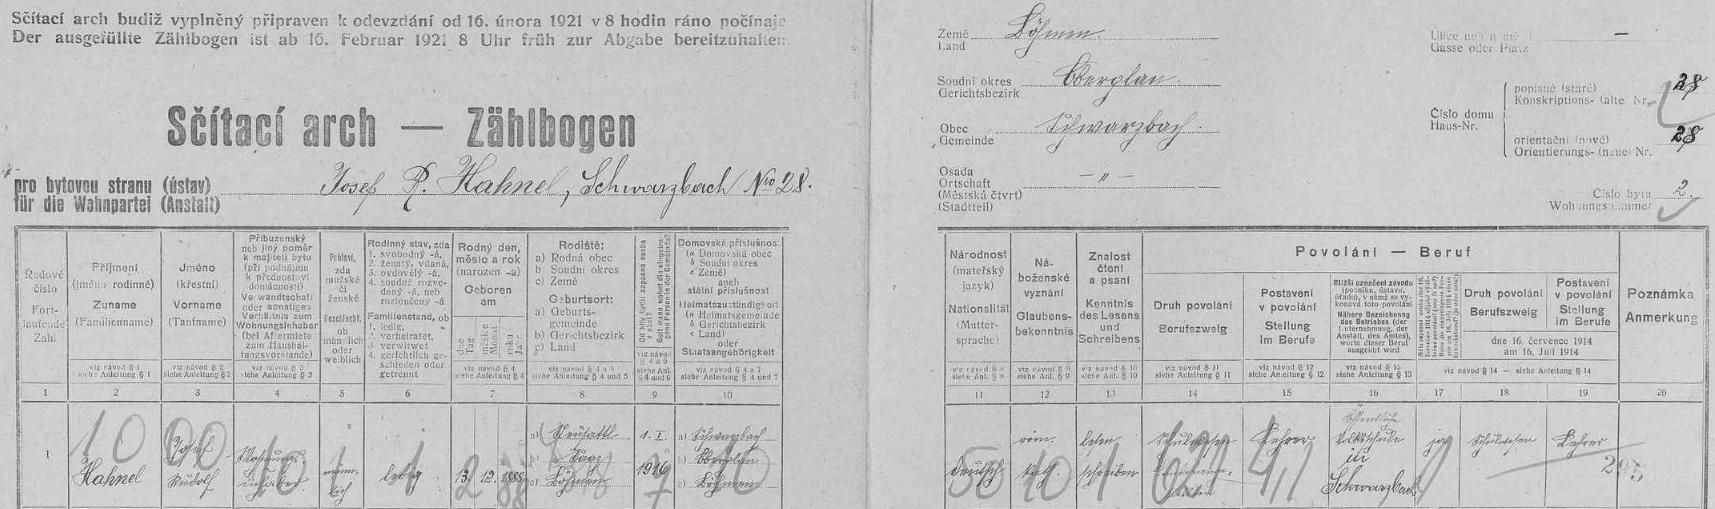 ...kde podle archu sčítání lidu z roku 1921 pro dům čp. 28 v Černé v Pošumaví tehdy ještě neženatý bydlil